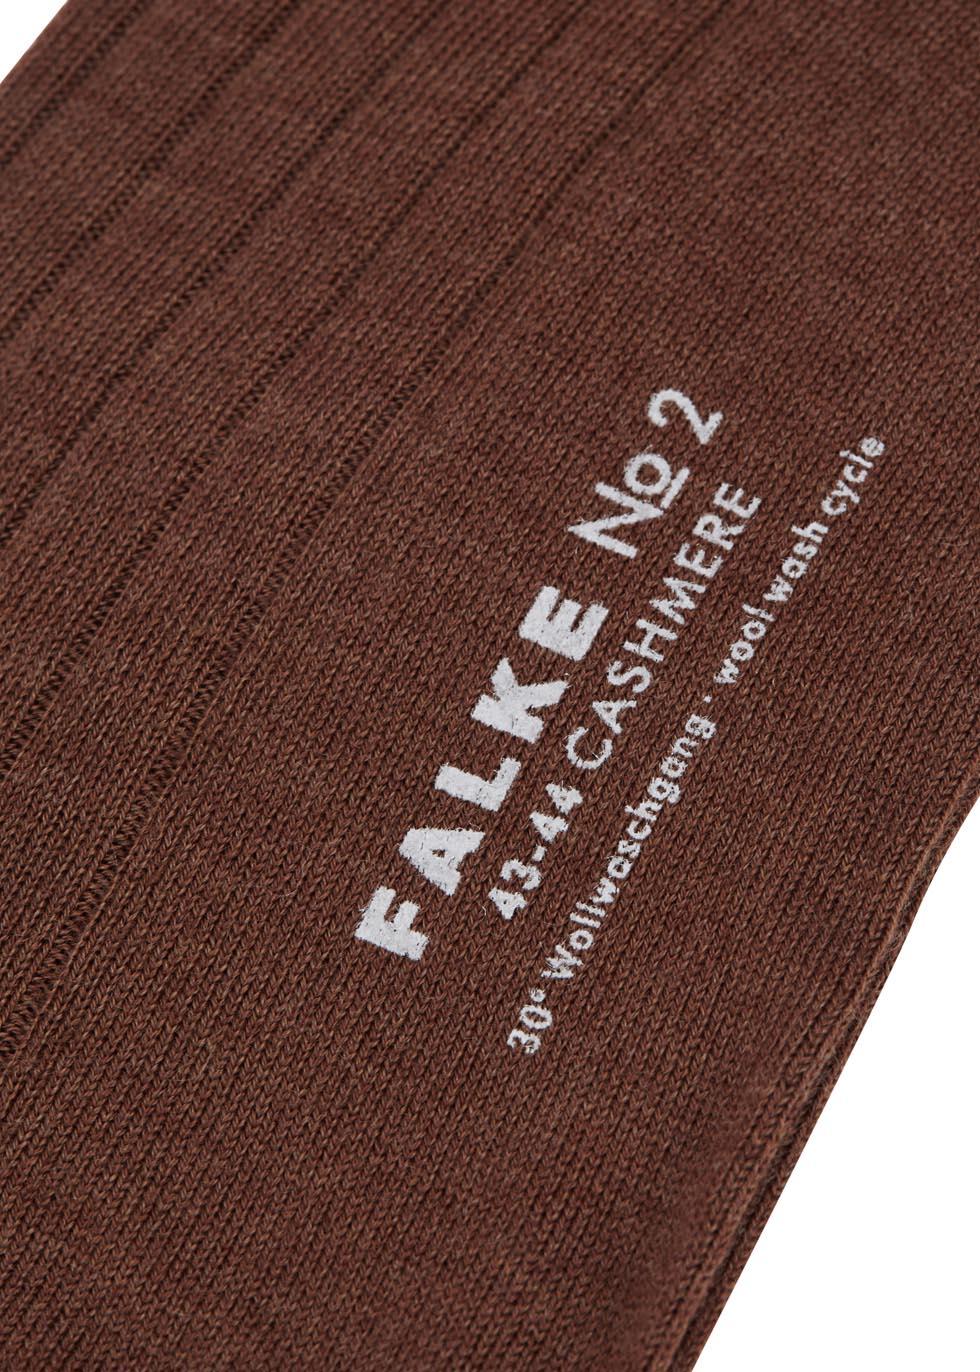 Brown cashmere blend socks - Falke